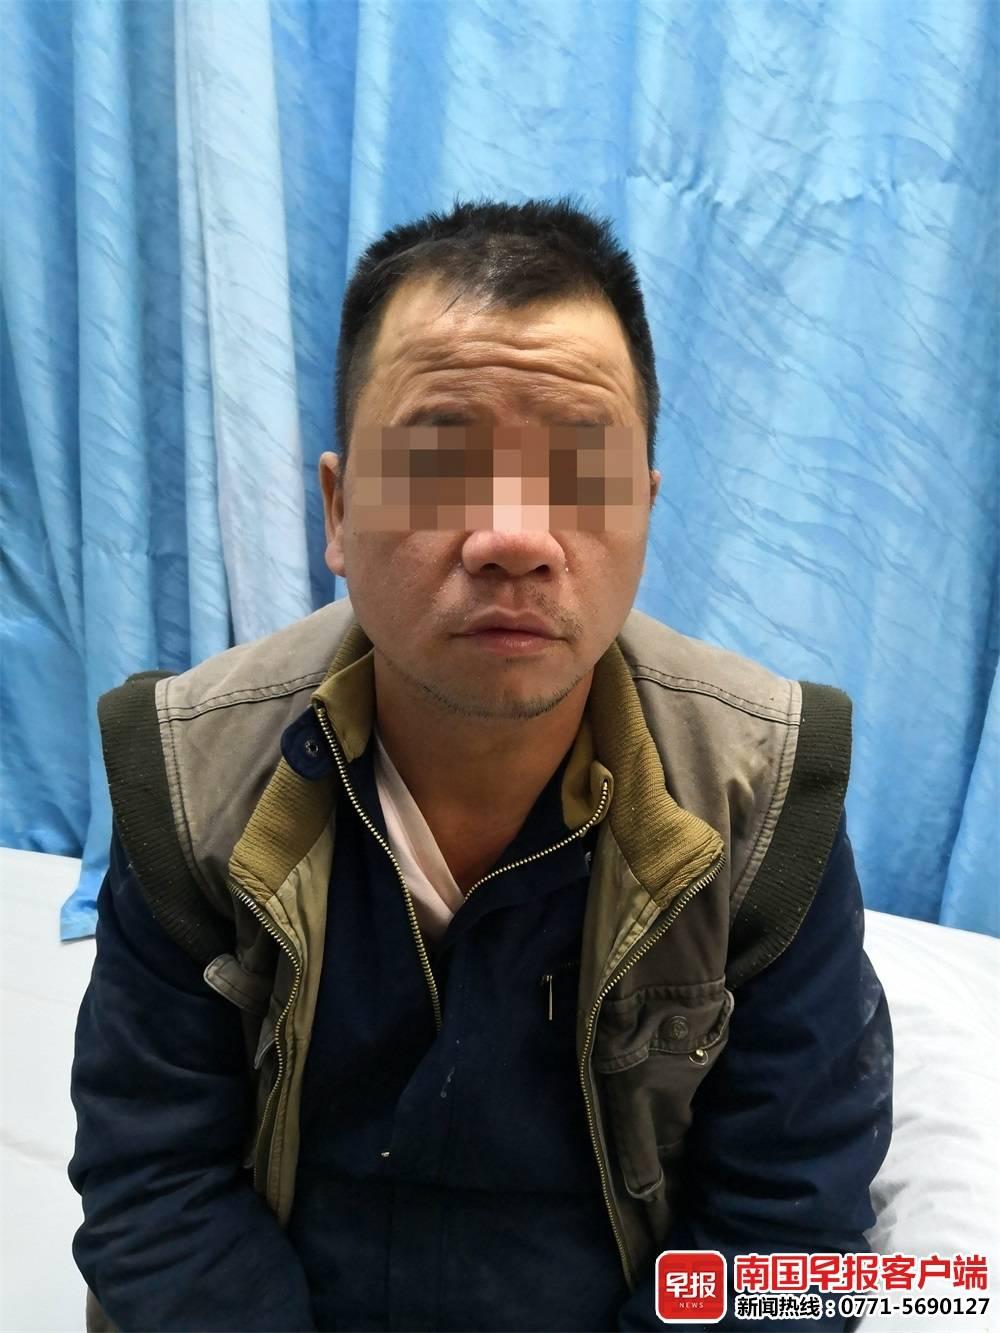 钦州一男子砍死人24年后自首 逃亡路上曾做乞丐